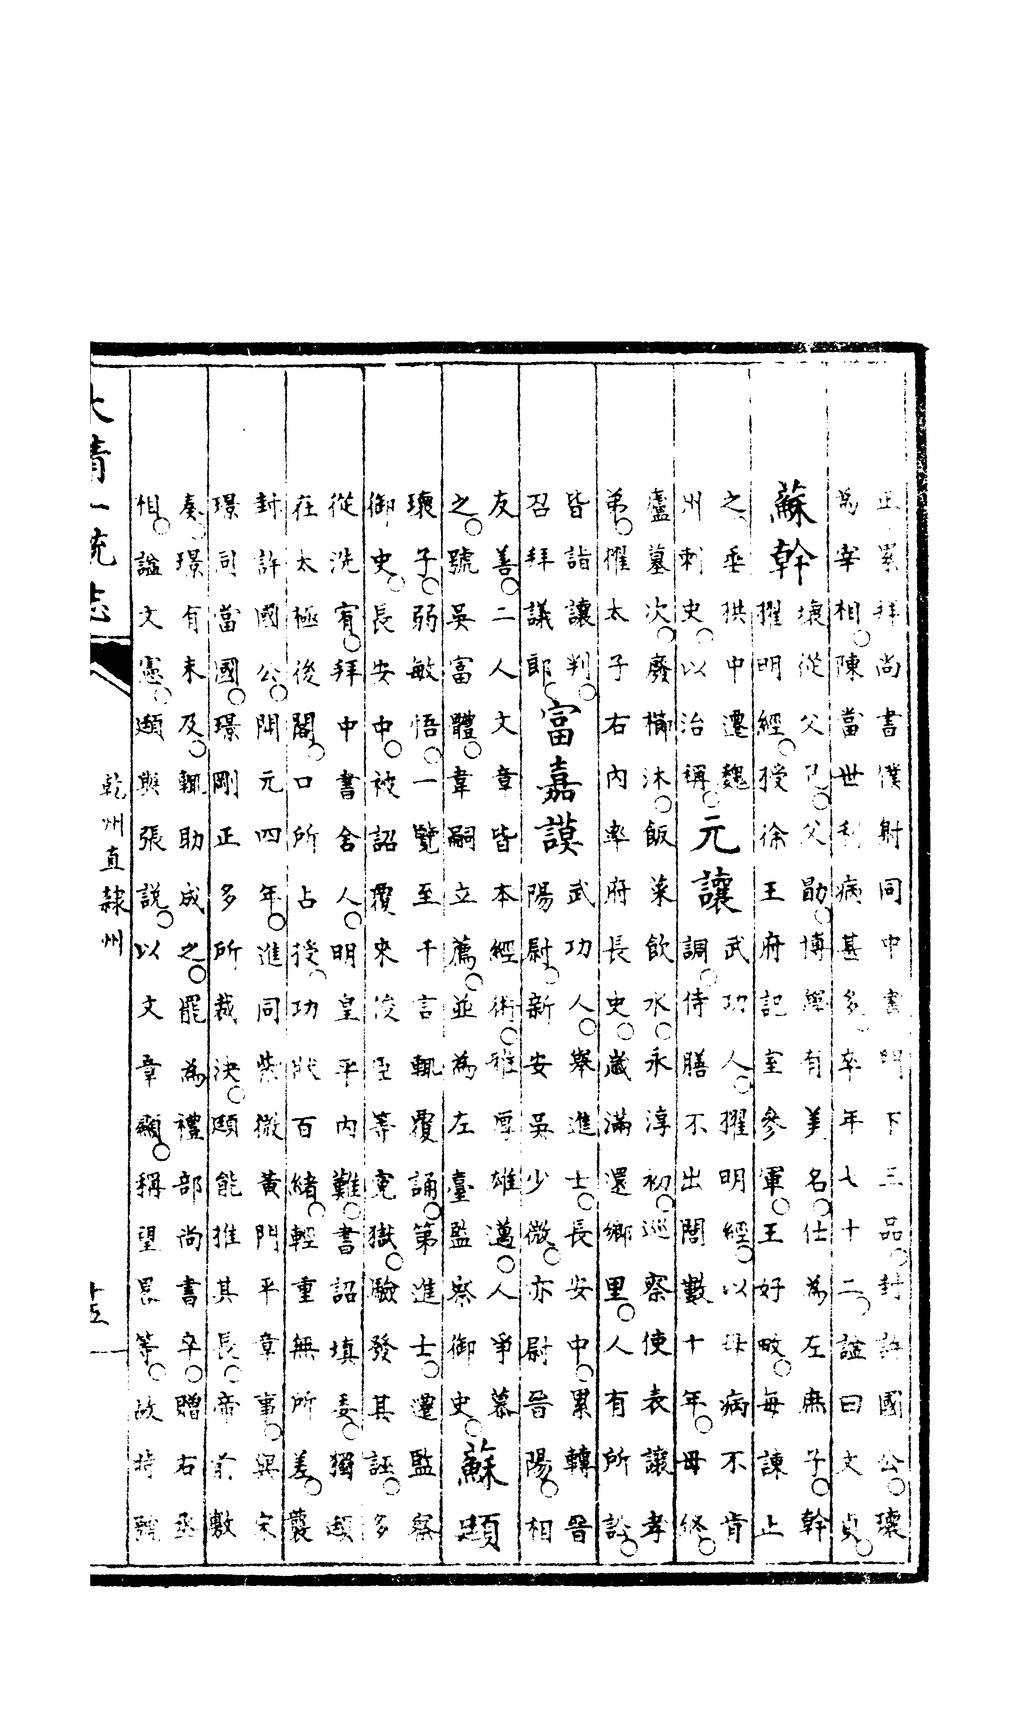 頁面:Sibu Congkan Xubian188-穆彰阿-嘉慶重修一統志-200-090.djvu/170 - 維基文庫。自由的圖書館